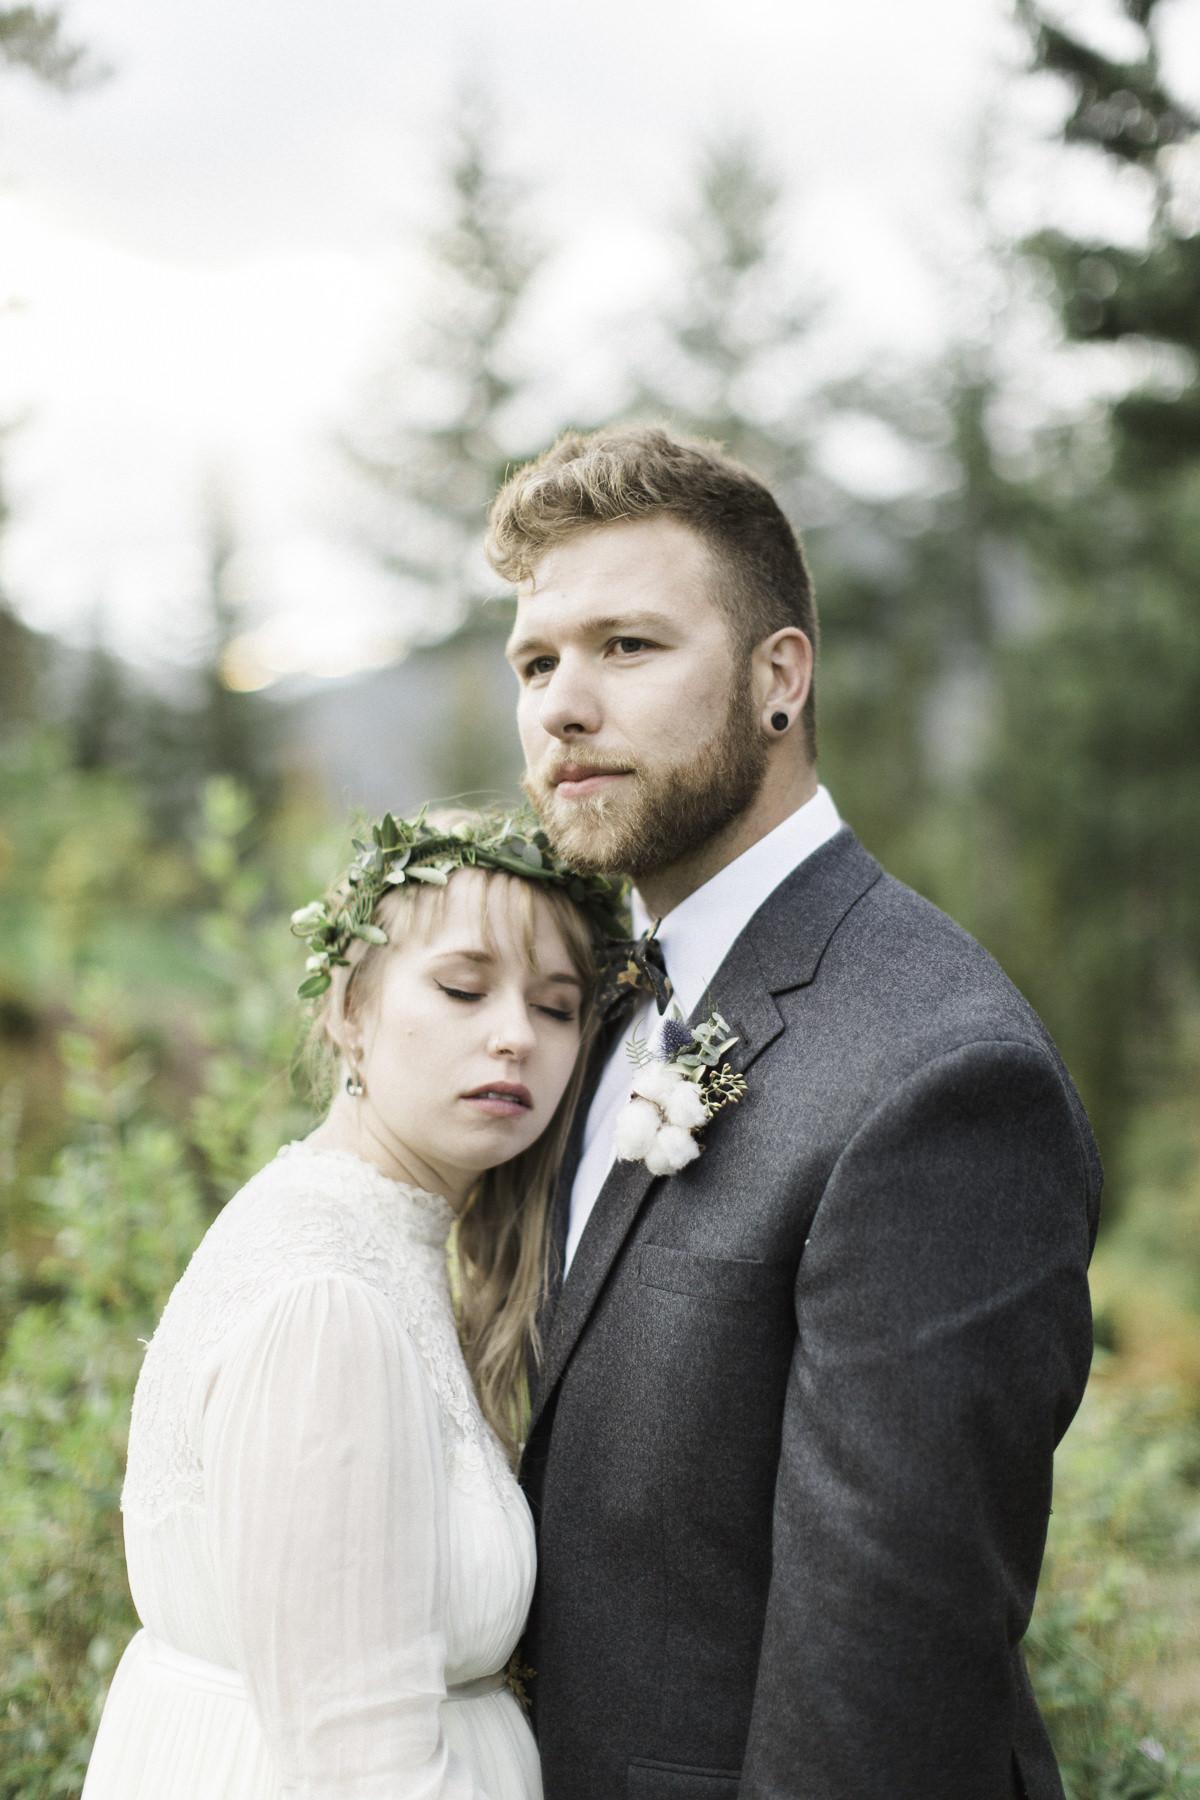 Matt-and-Chelsey-Nelson-wedding-50.jpg